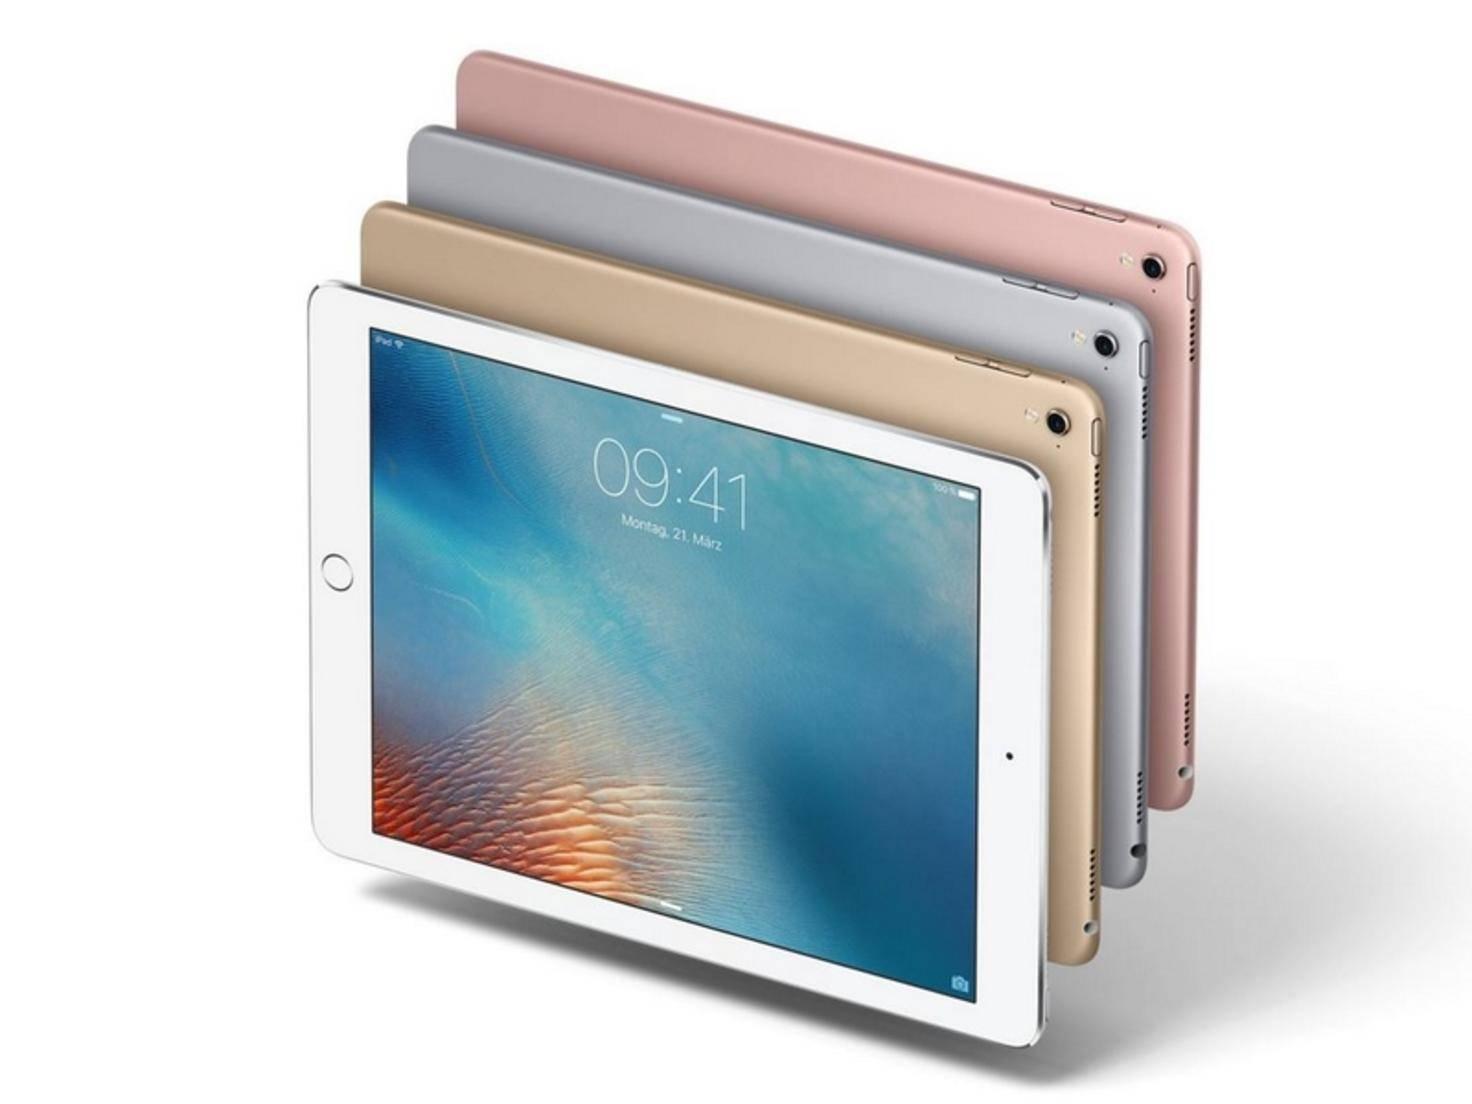 iPad_Pro9komma7